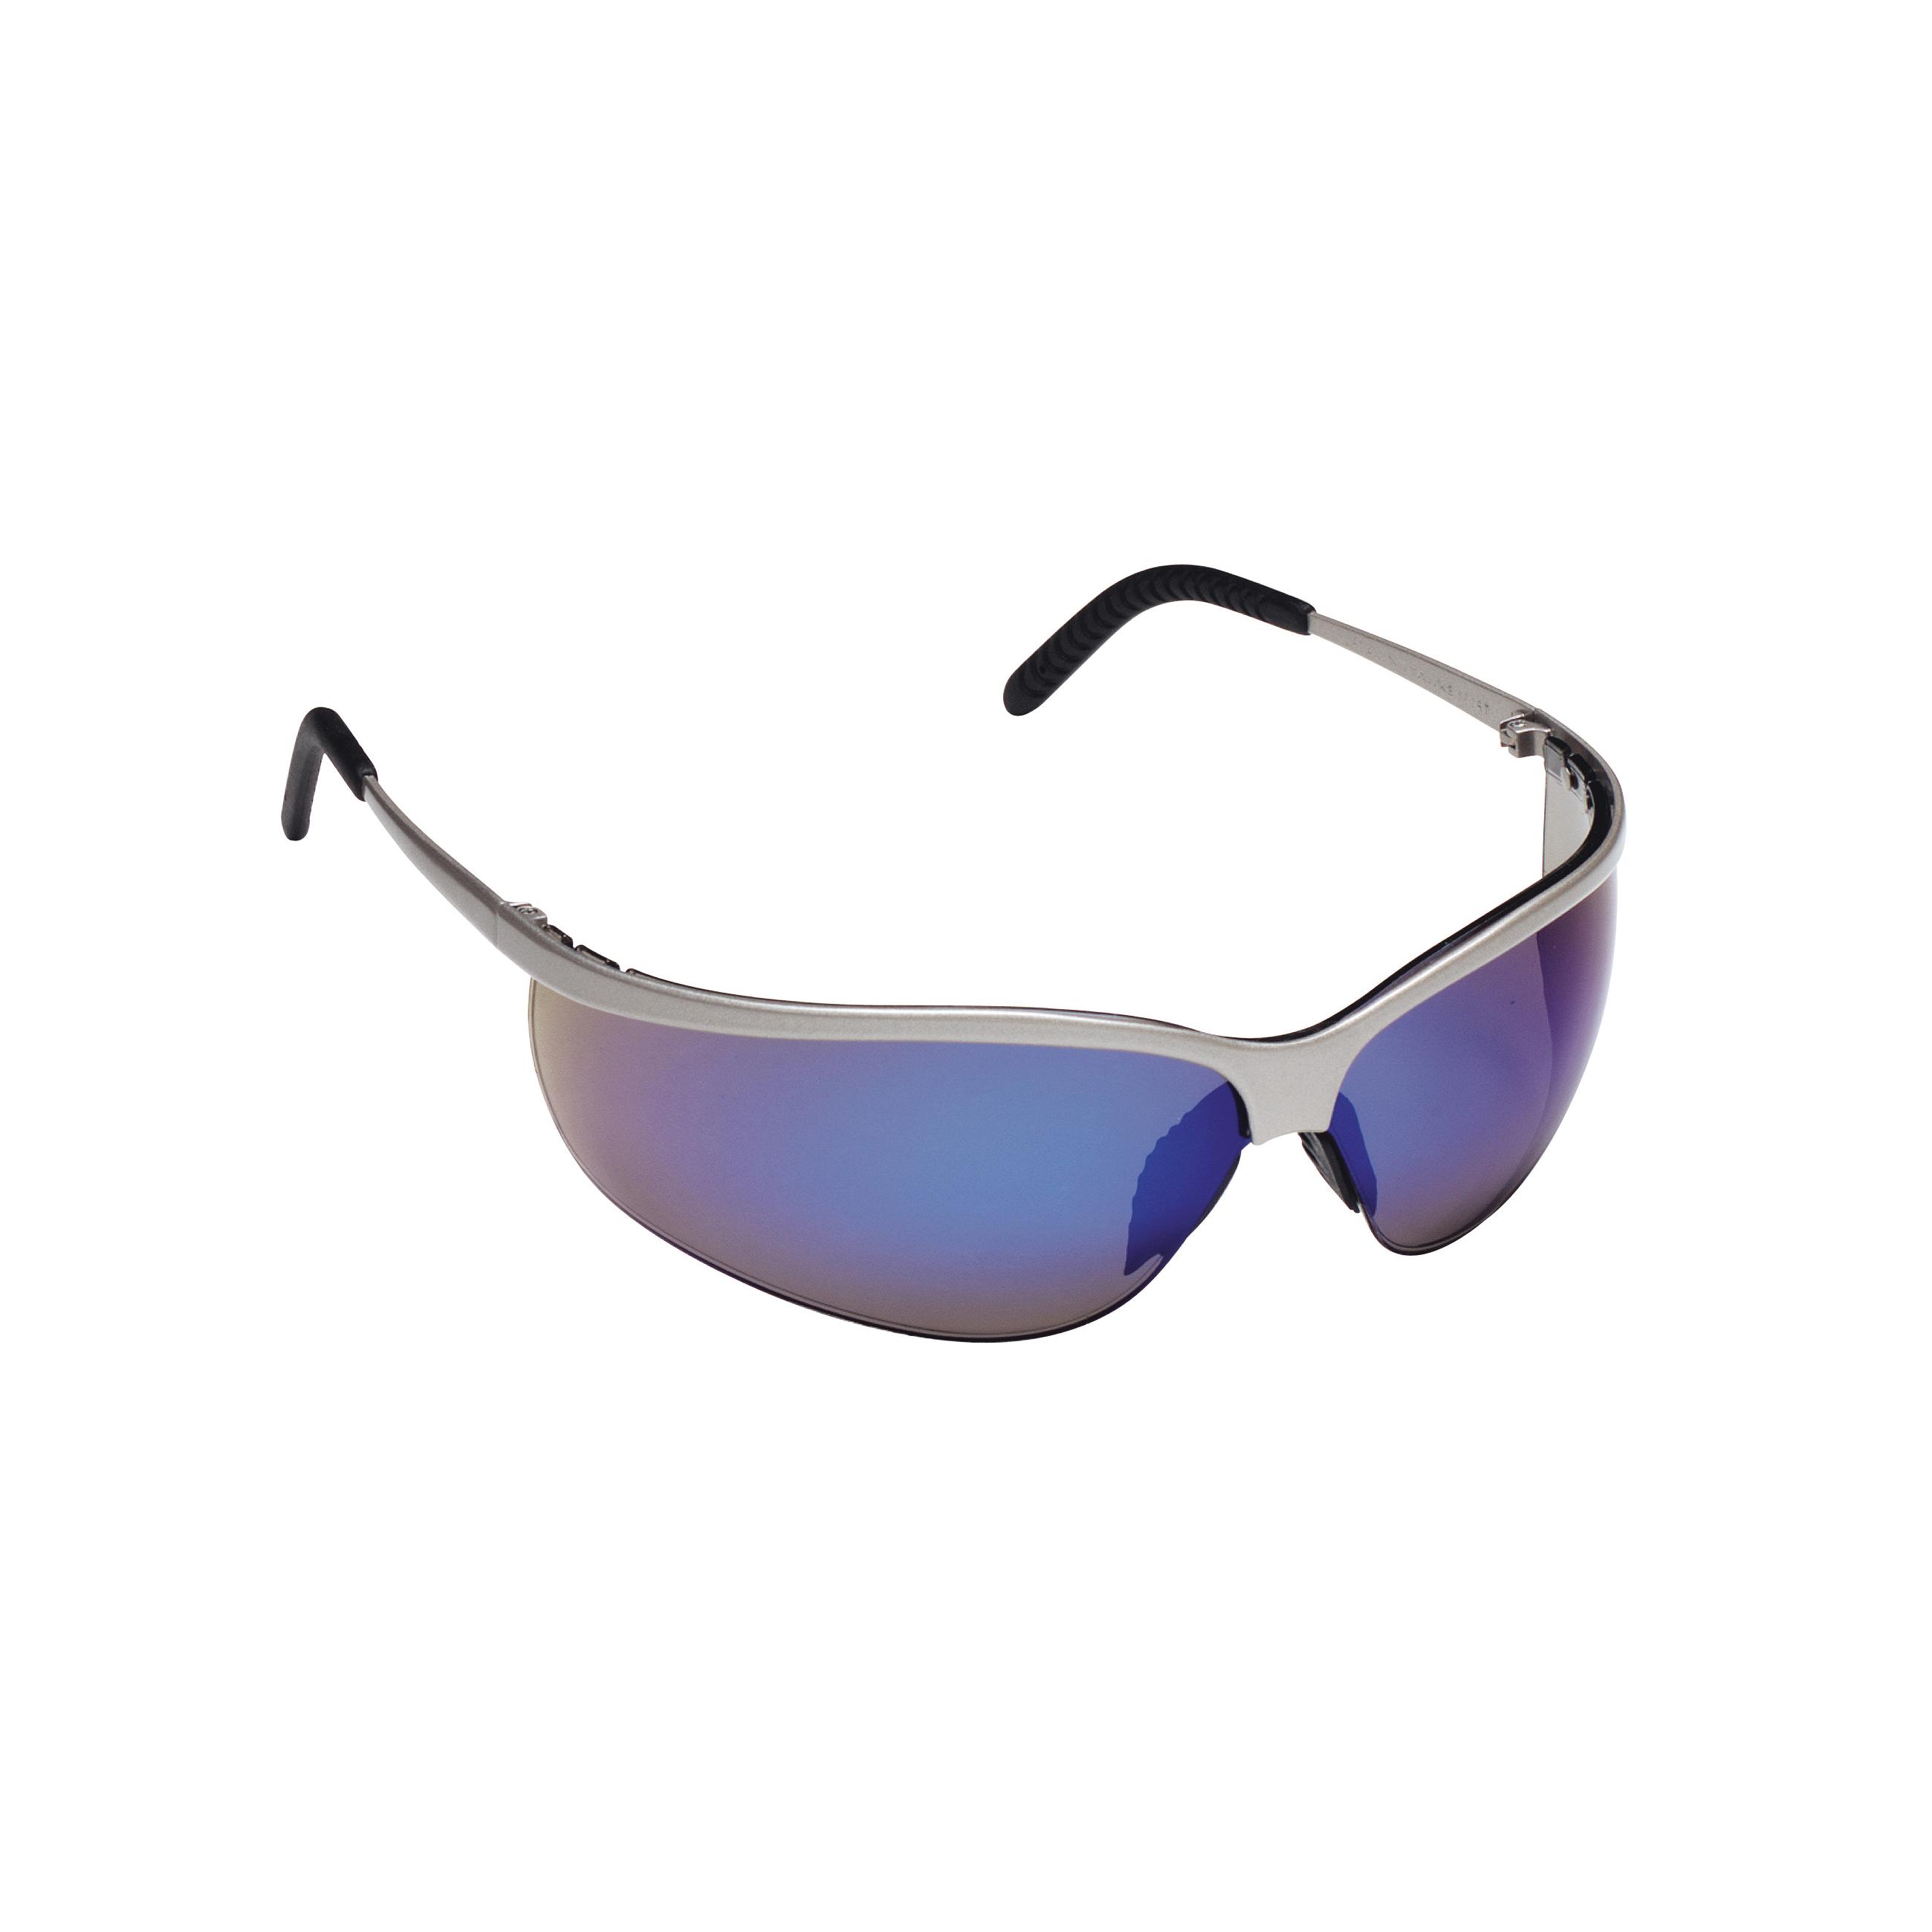 Glasses Metaliks Sport Brushed